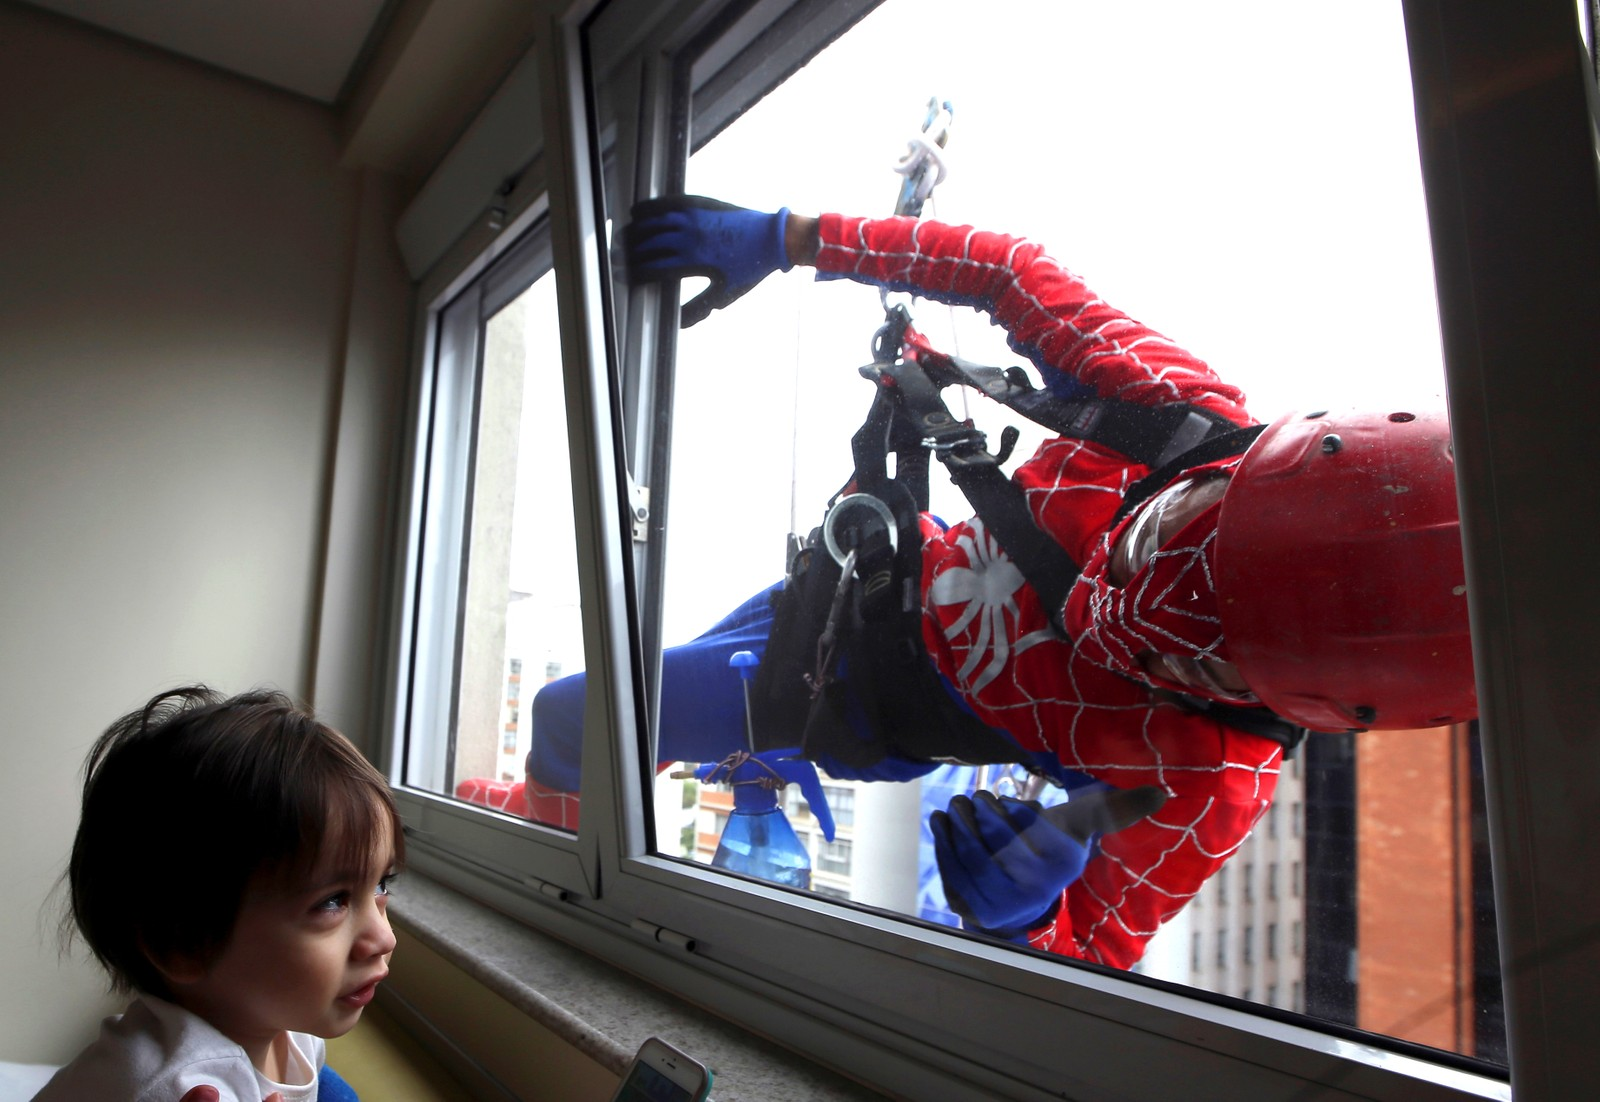 En vindusvasker har kledd seg ut som Spiderman for å underholde Lucas og andre barn ved dette sykehuset i Sao Paulo i Brasil.